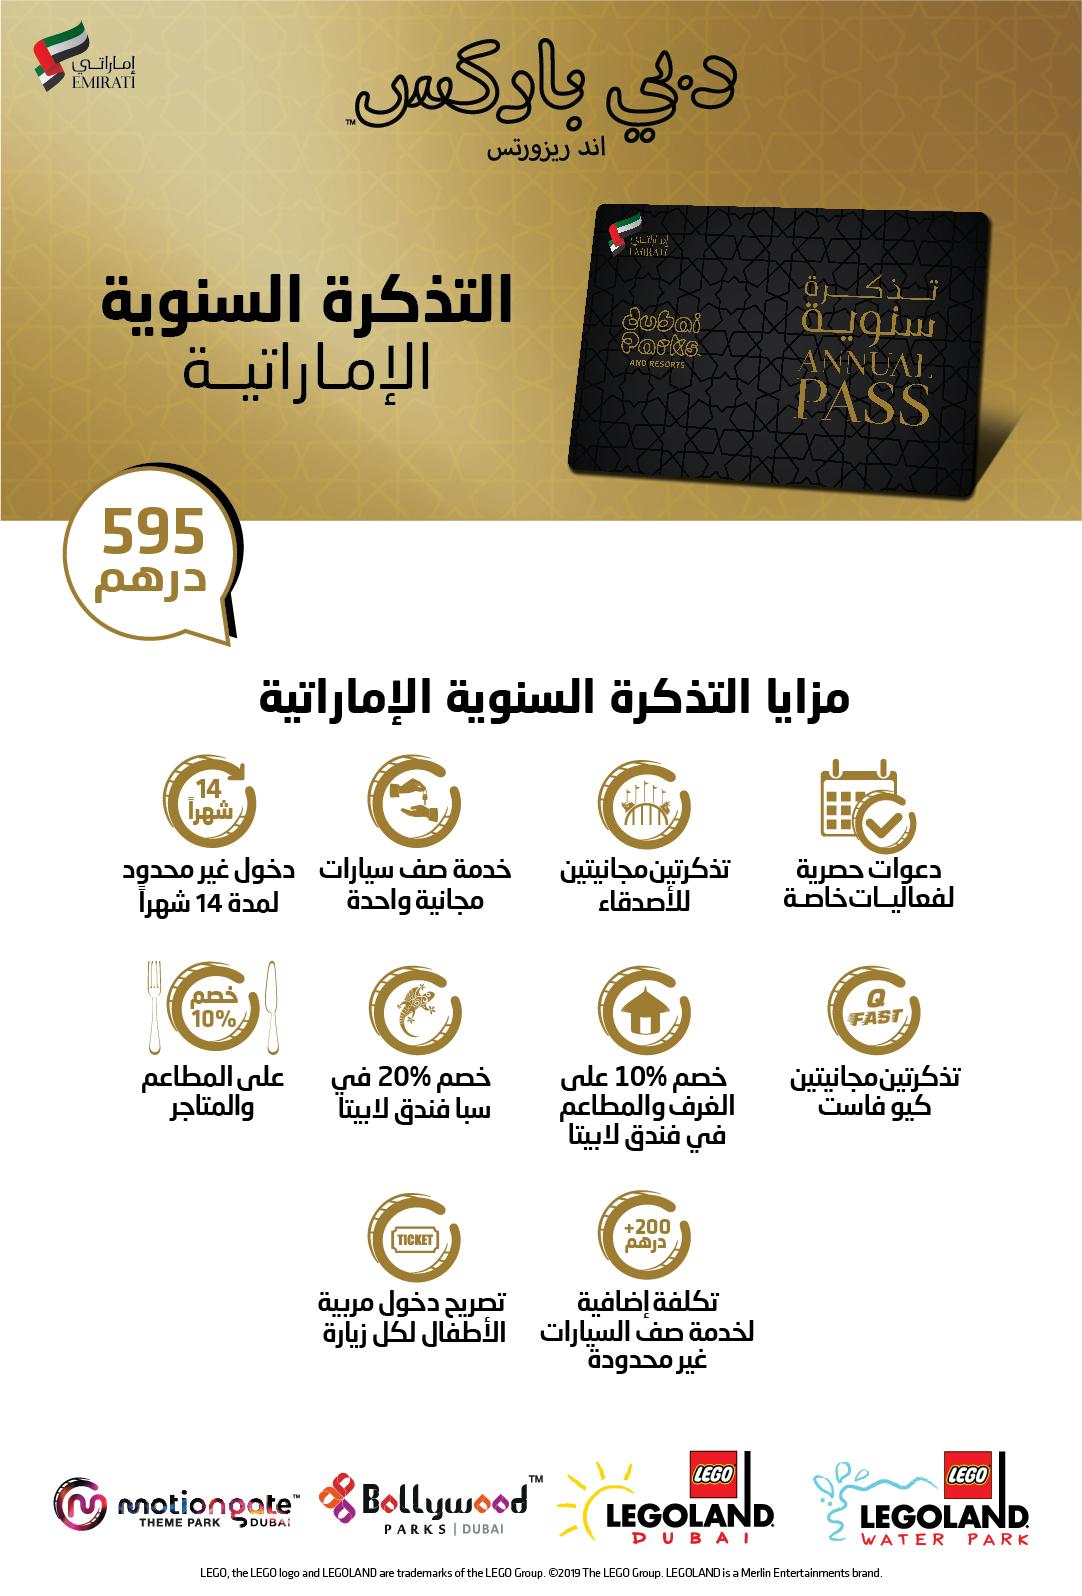 حفل للنجمة الإماراتية بلقيس فتحي في دبي باركس آند ريزورتس خلال أبريل 2019